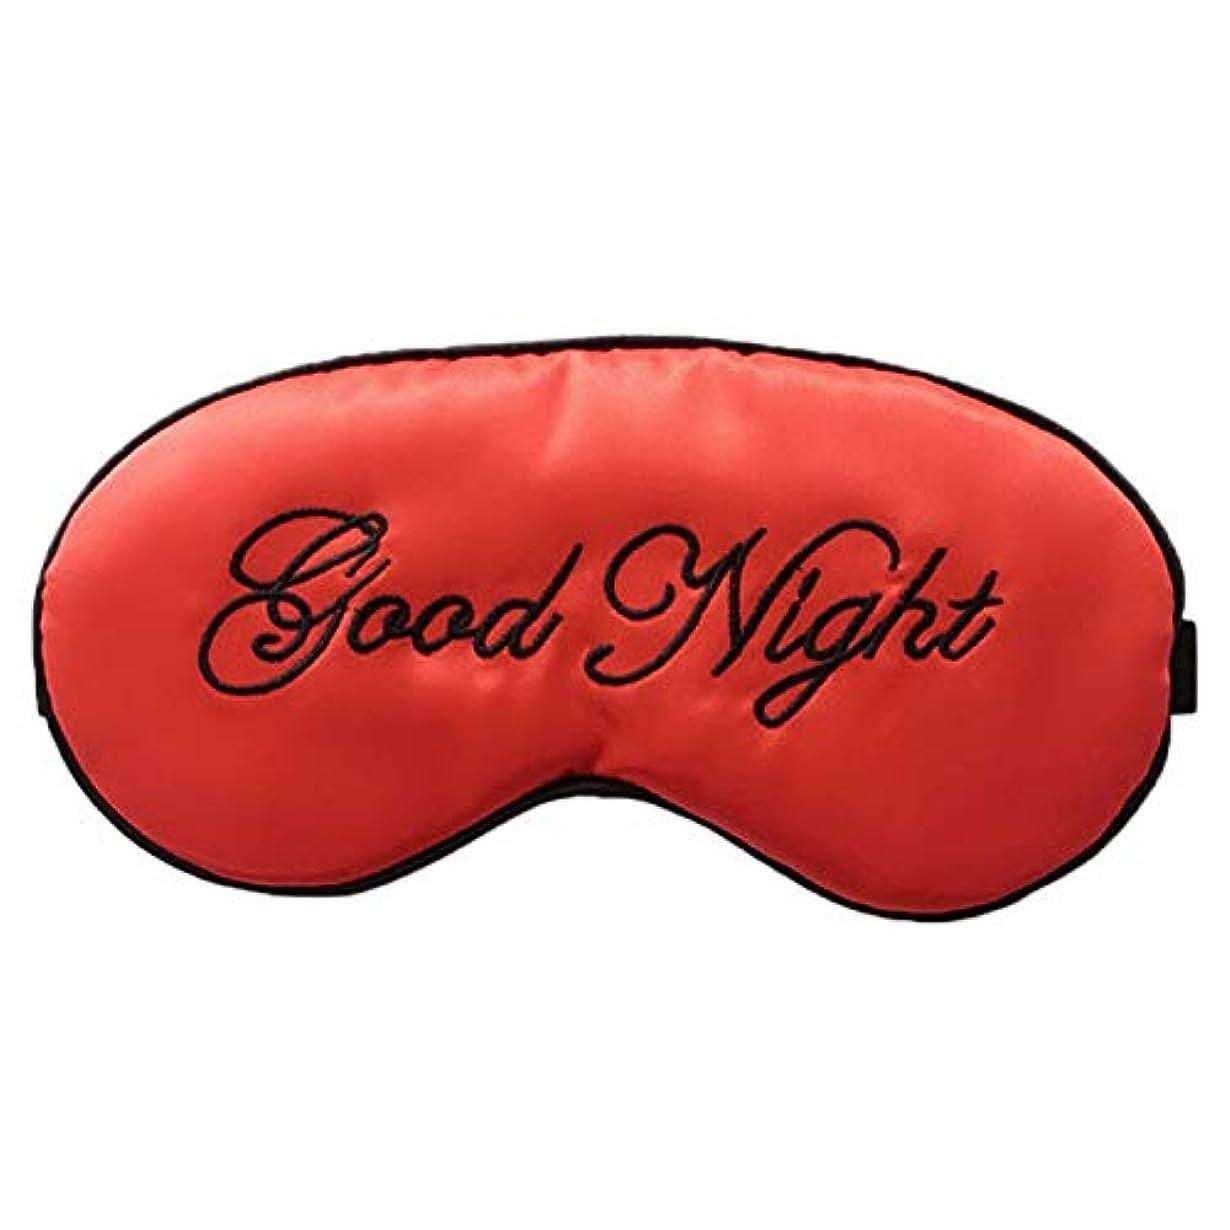 陪審ロゴしたがってNOTE 女性の手紙刺繍アイマスク模造フェイクシルクパッド入り睡眠シェードカバー旅行ポータブルパーソナルヘルスケア睡眠